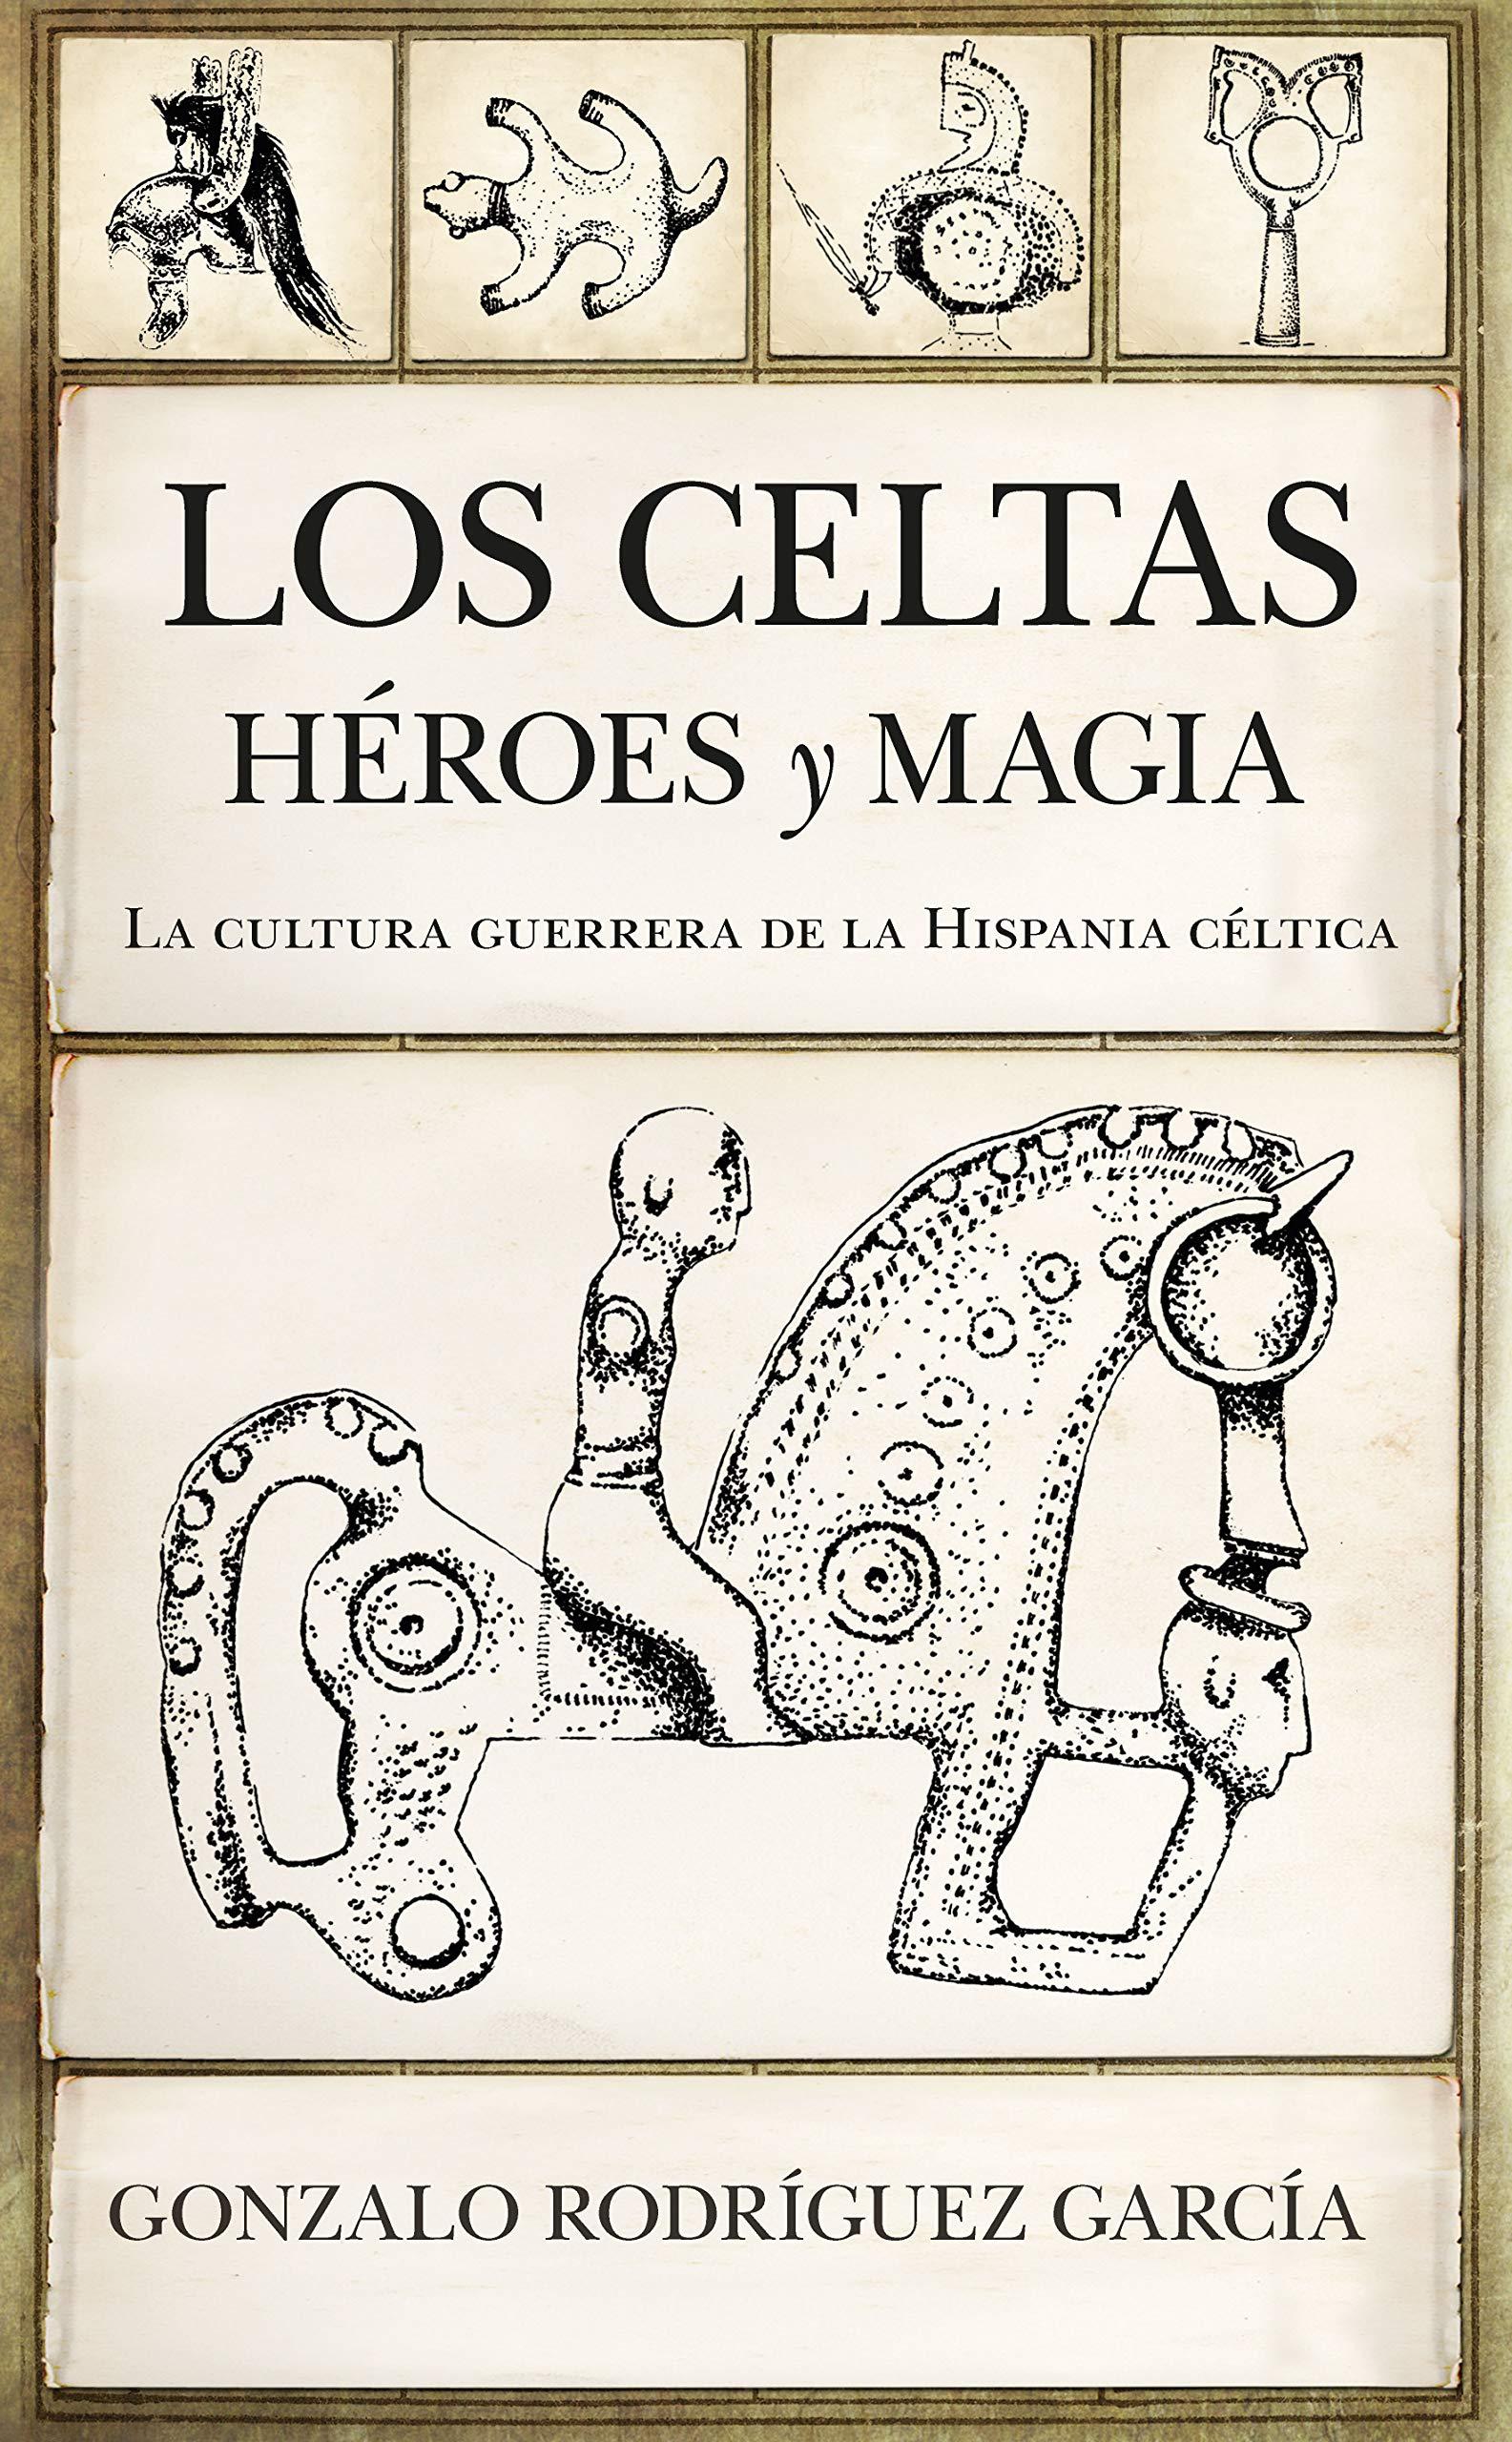 Los celtas. Héroes y magia (Historia): Amazon.es: Rodríguez García, Gonzalo: Libros